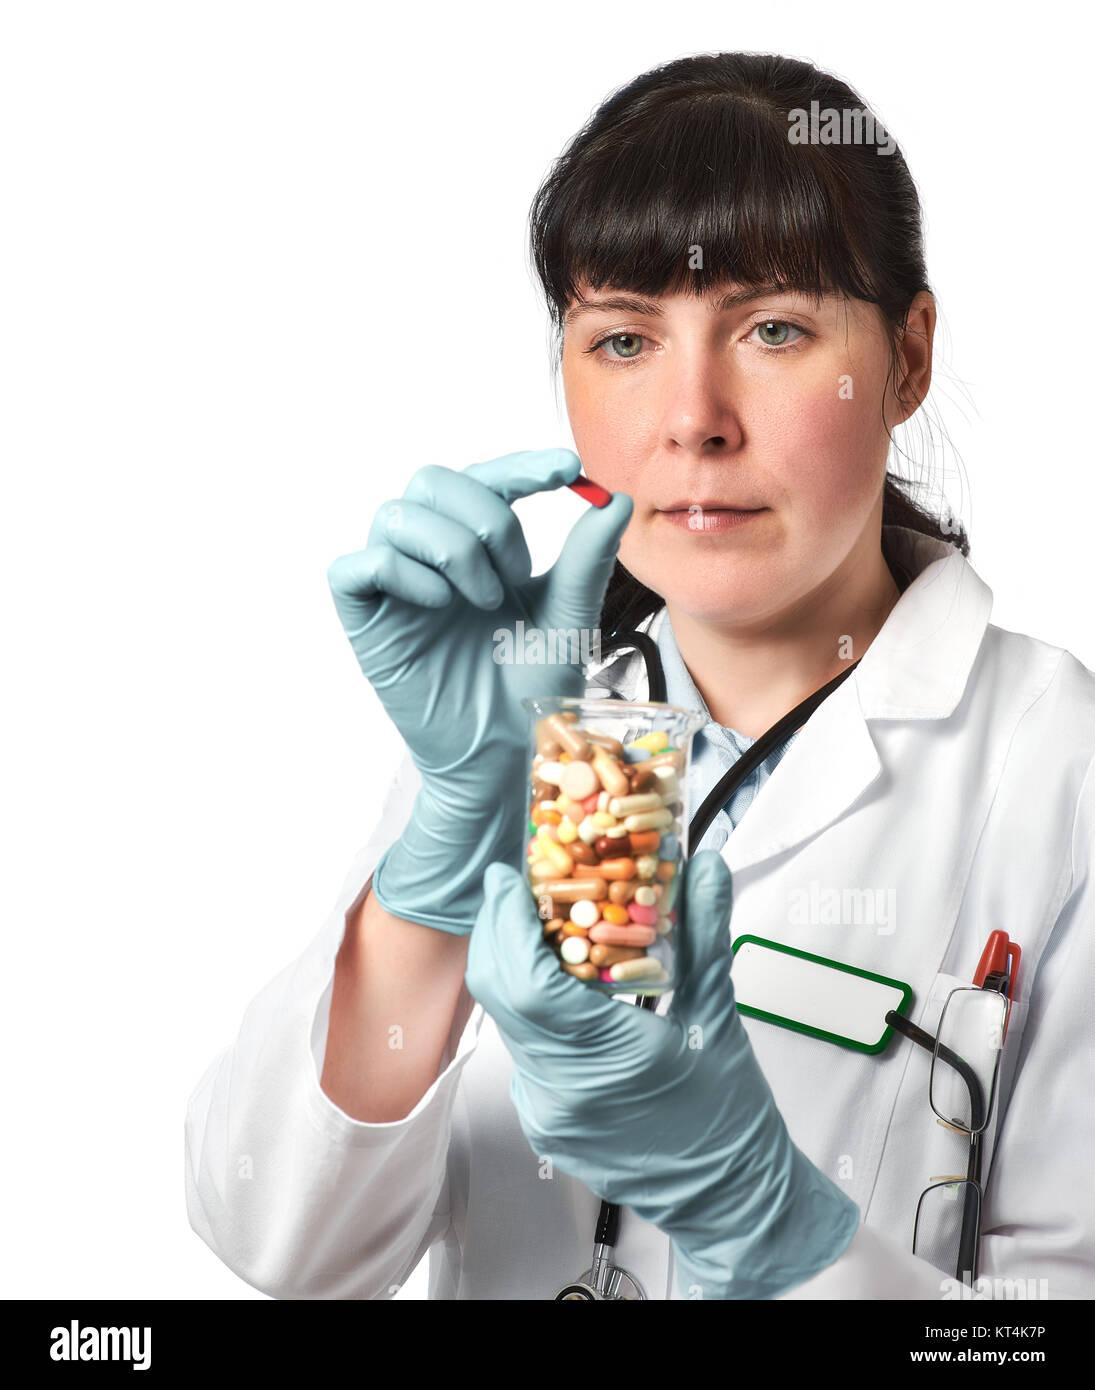 Donne medico o infermiere con un bicchiere pieno di pillole in mano guantata tenendo un pillola rossa in un forcipe. DOF poco profondo, concentrarsi sugli occhi. Isolato su bianco backgr Foto Stock